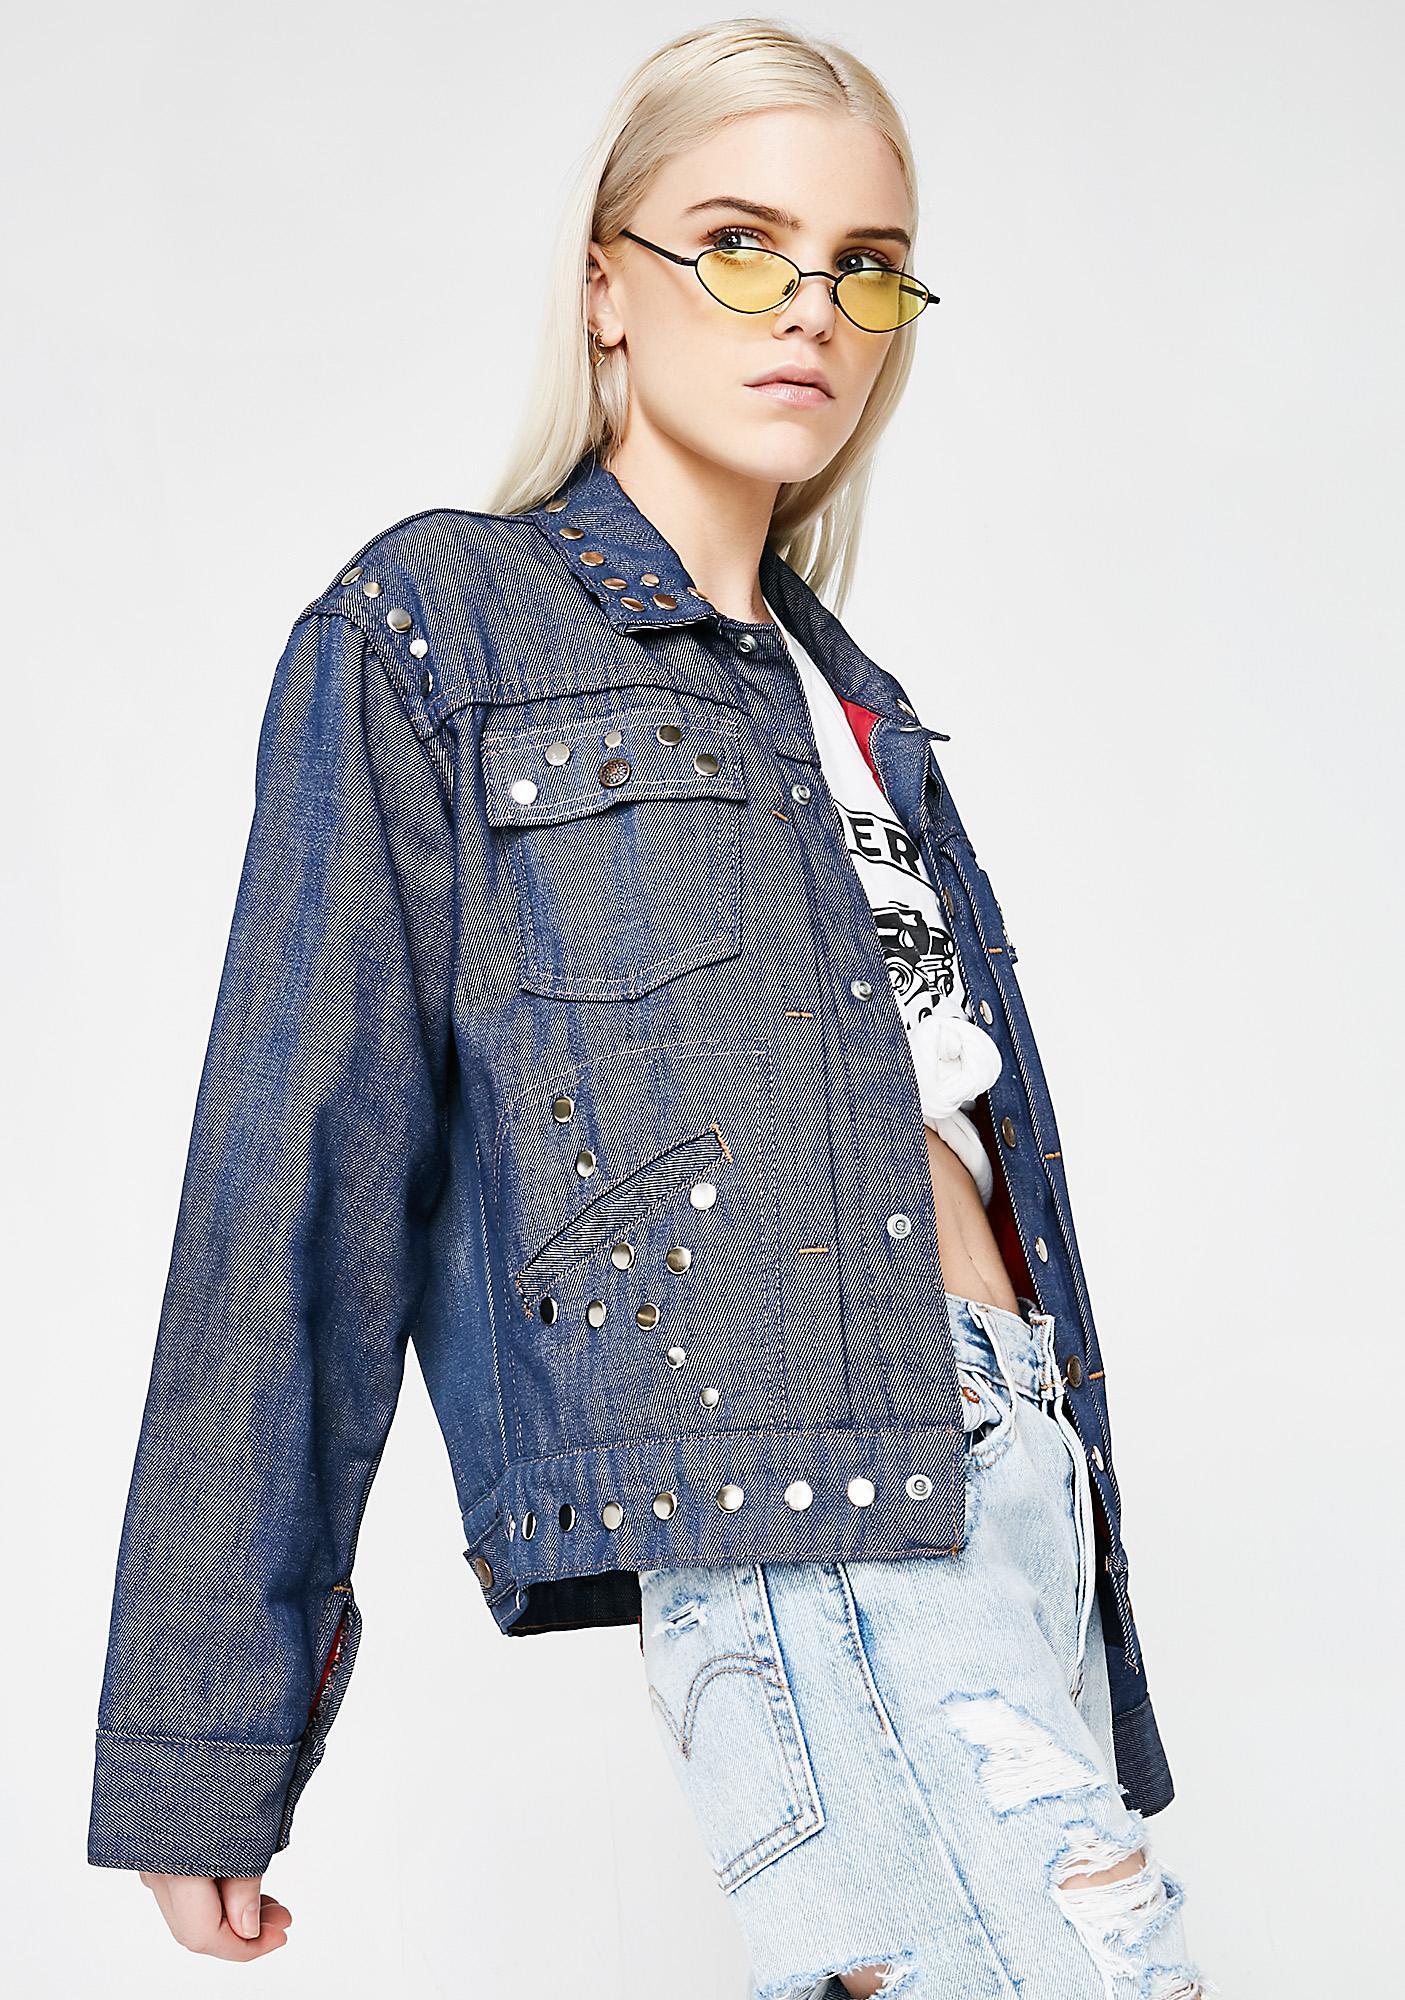 Vintage Studded Denim Jacket